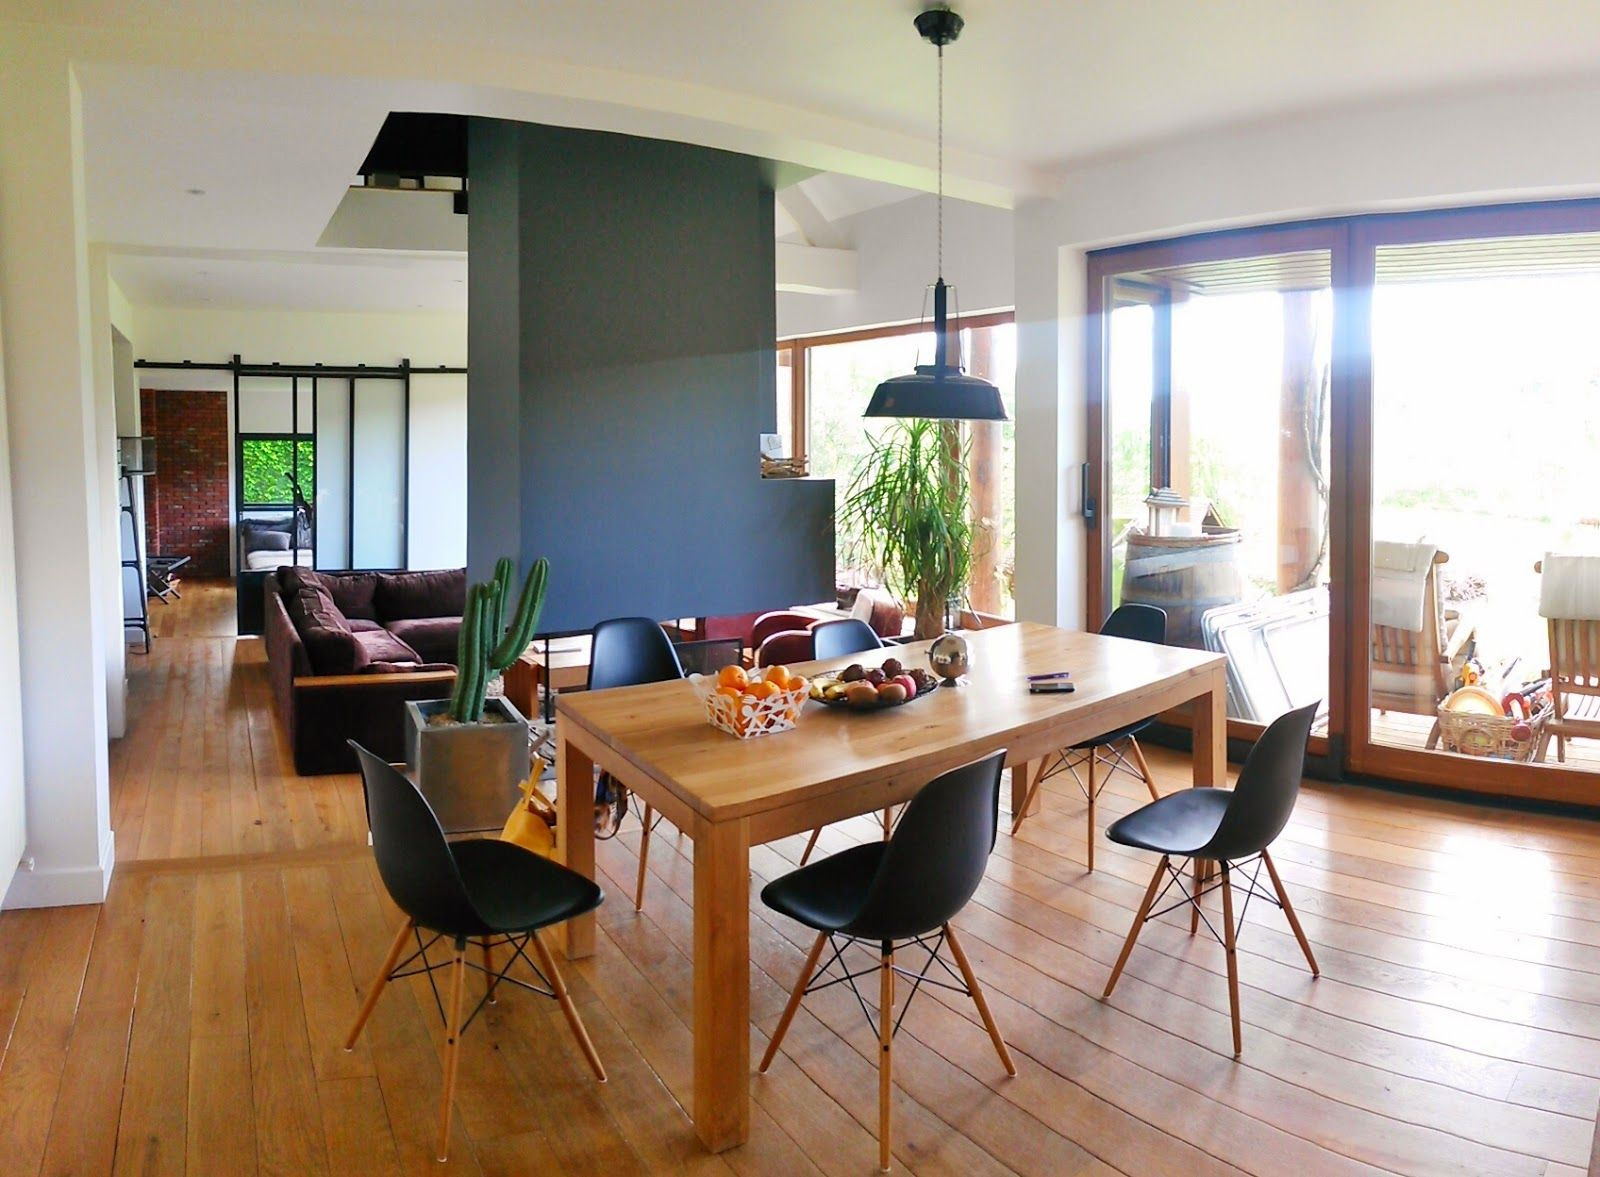 salle manger mur gris fonc salle manger en 2019 murs gris fonc briquette de parement. Black Bedroom Furniture Sets. Home Design Ideas